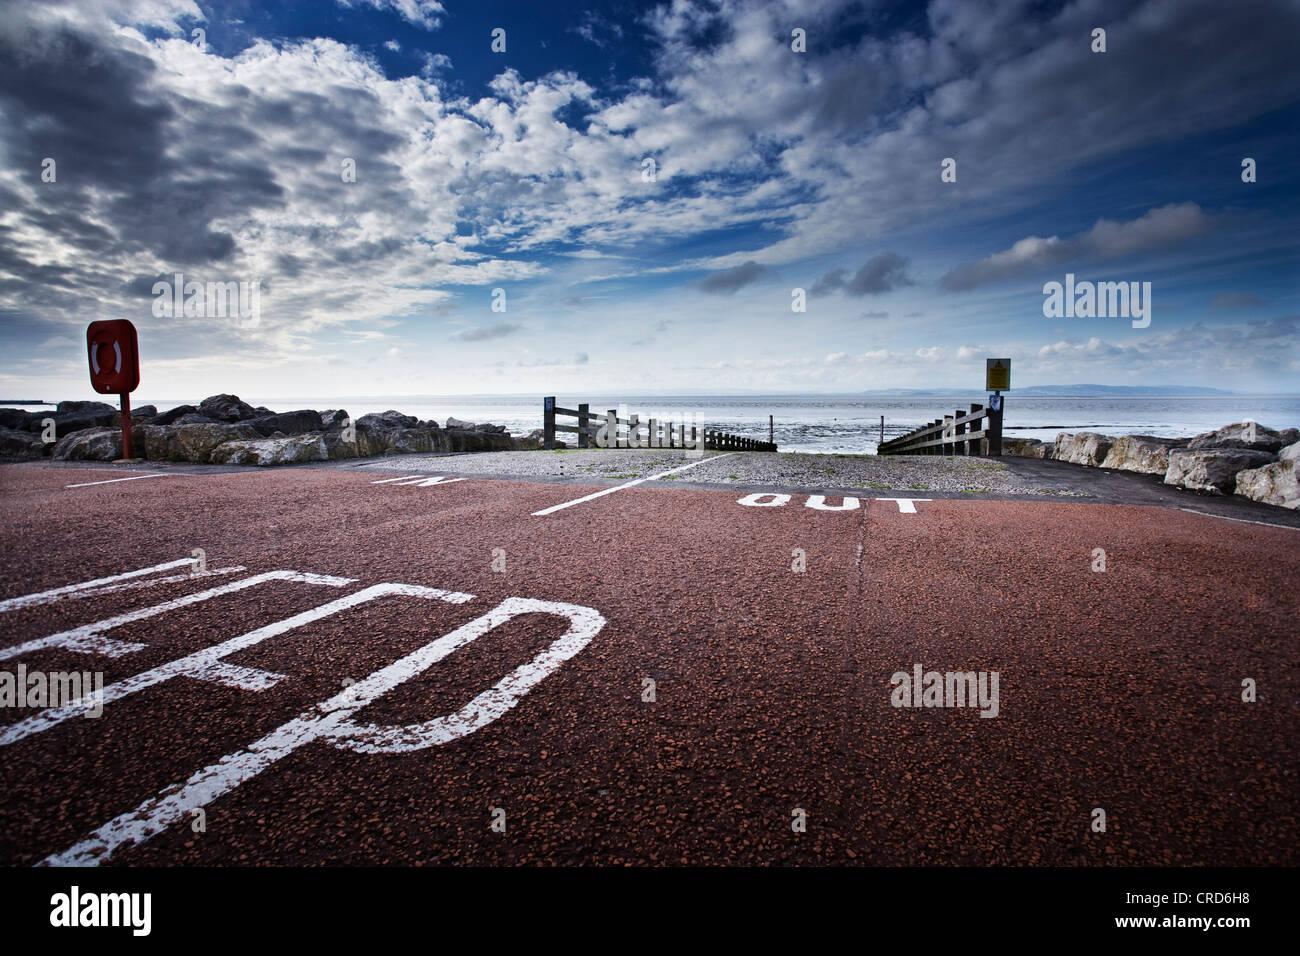 Les zones côtières pour milieux voiture morecombe uk Photo Stock